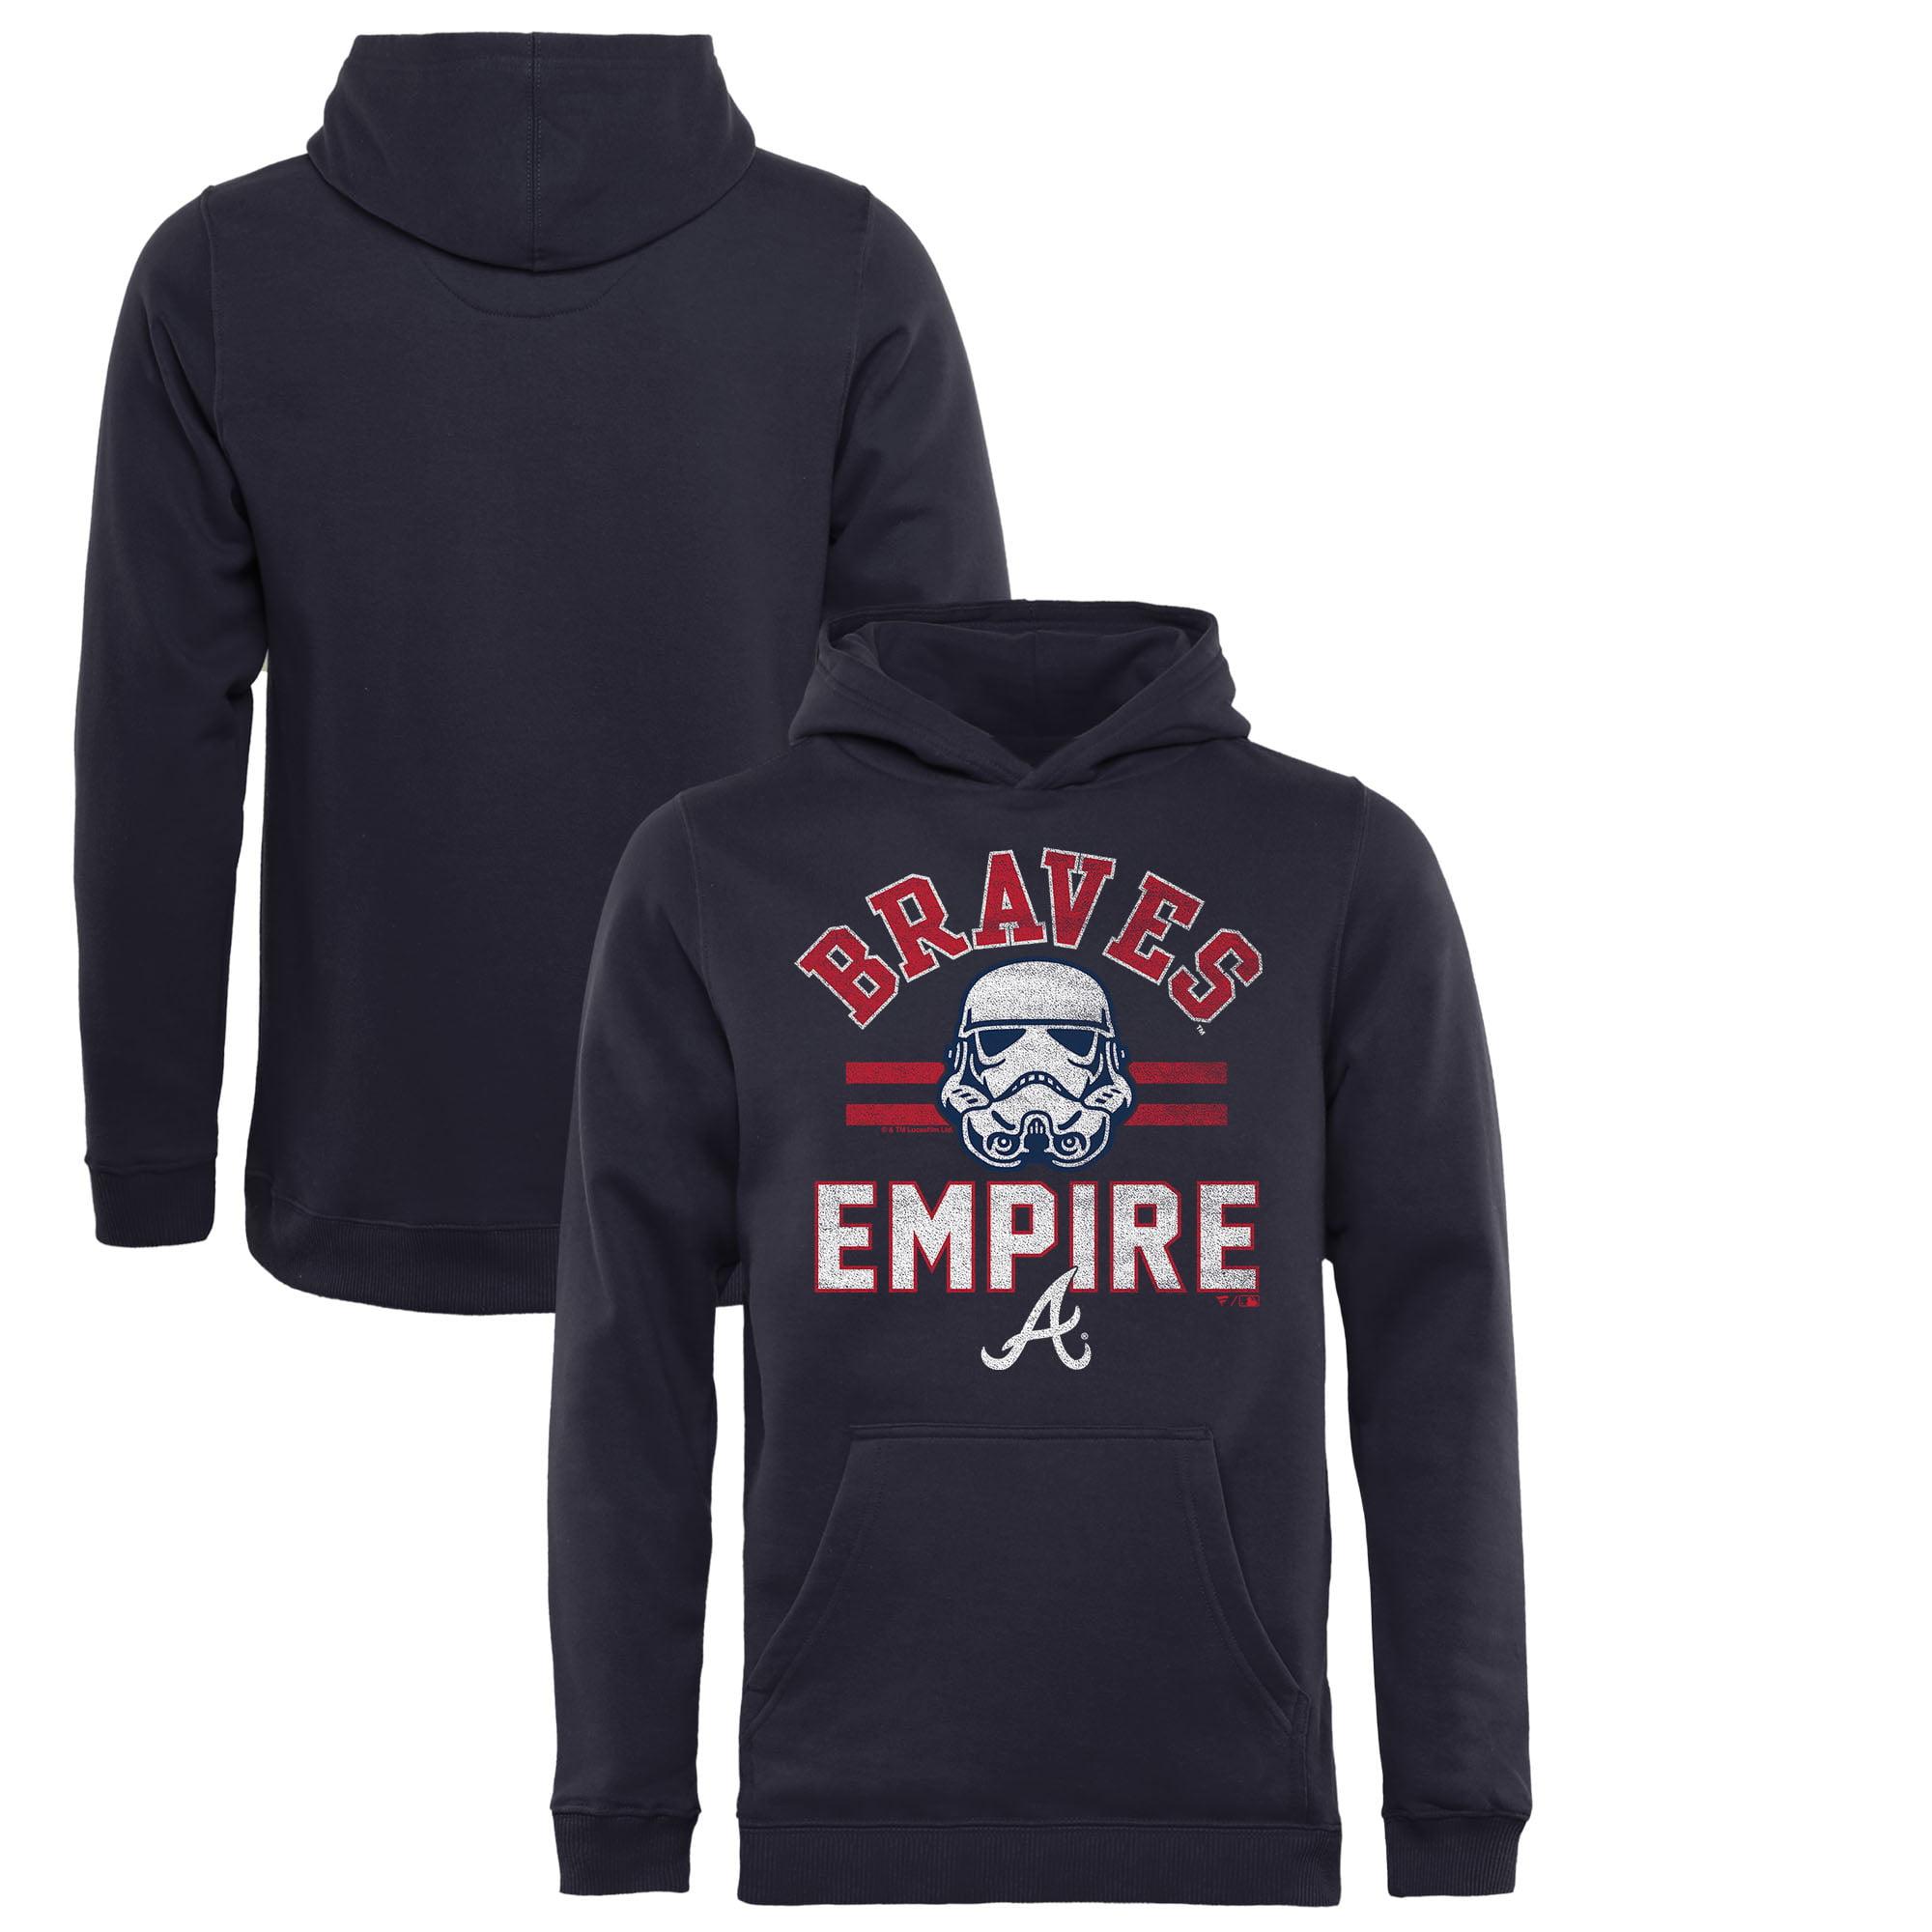 Atlanta Braves Fanatics Branded Youth MLB Star Wars Empire Pullover Hoodie - Navy